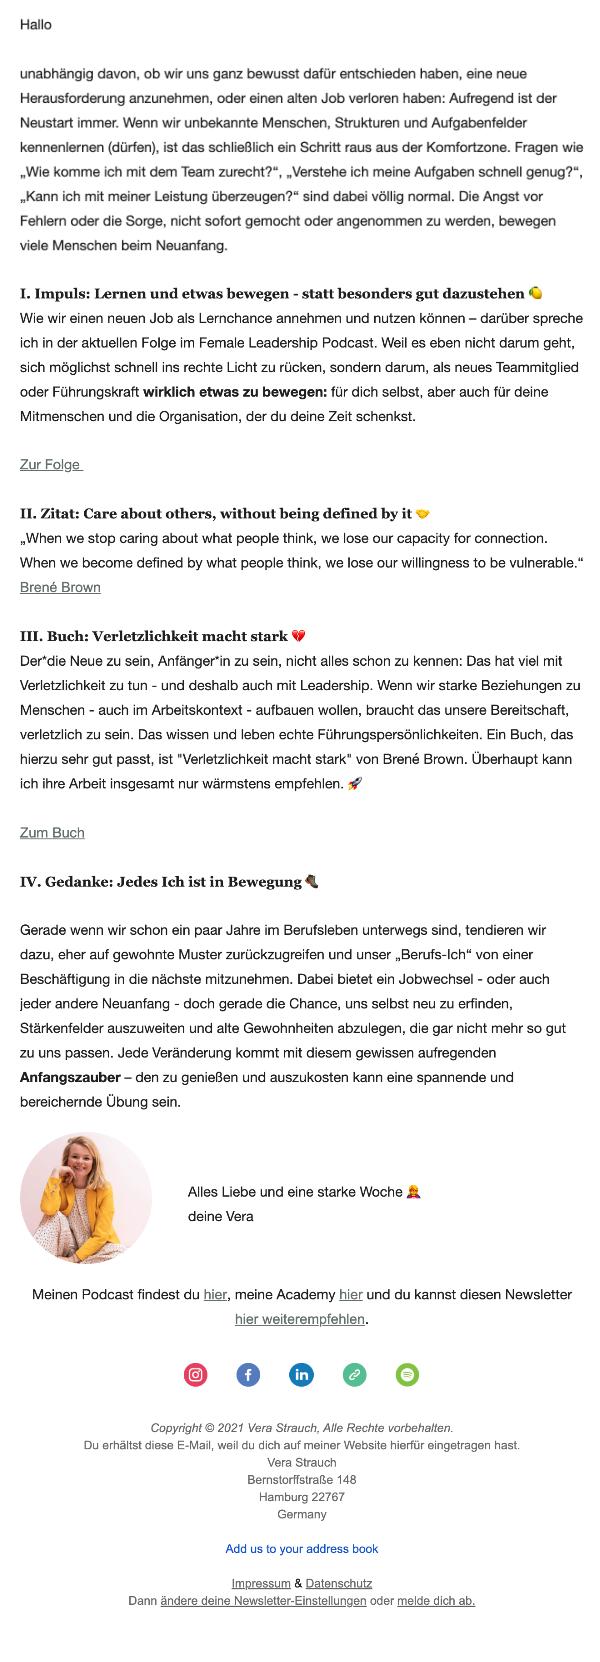 Vera-strauch-newsletter